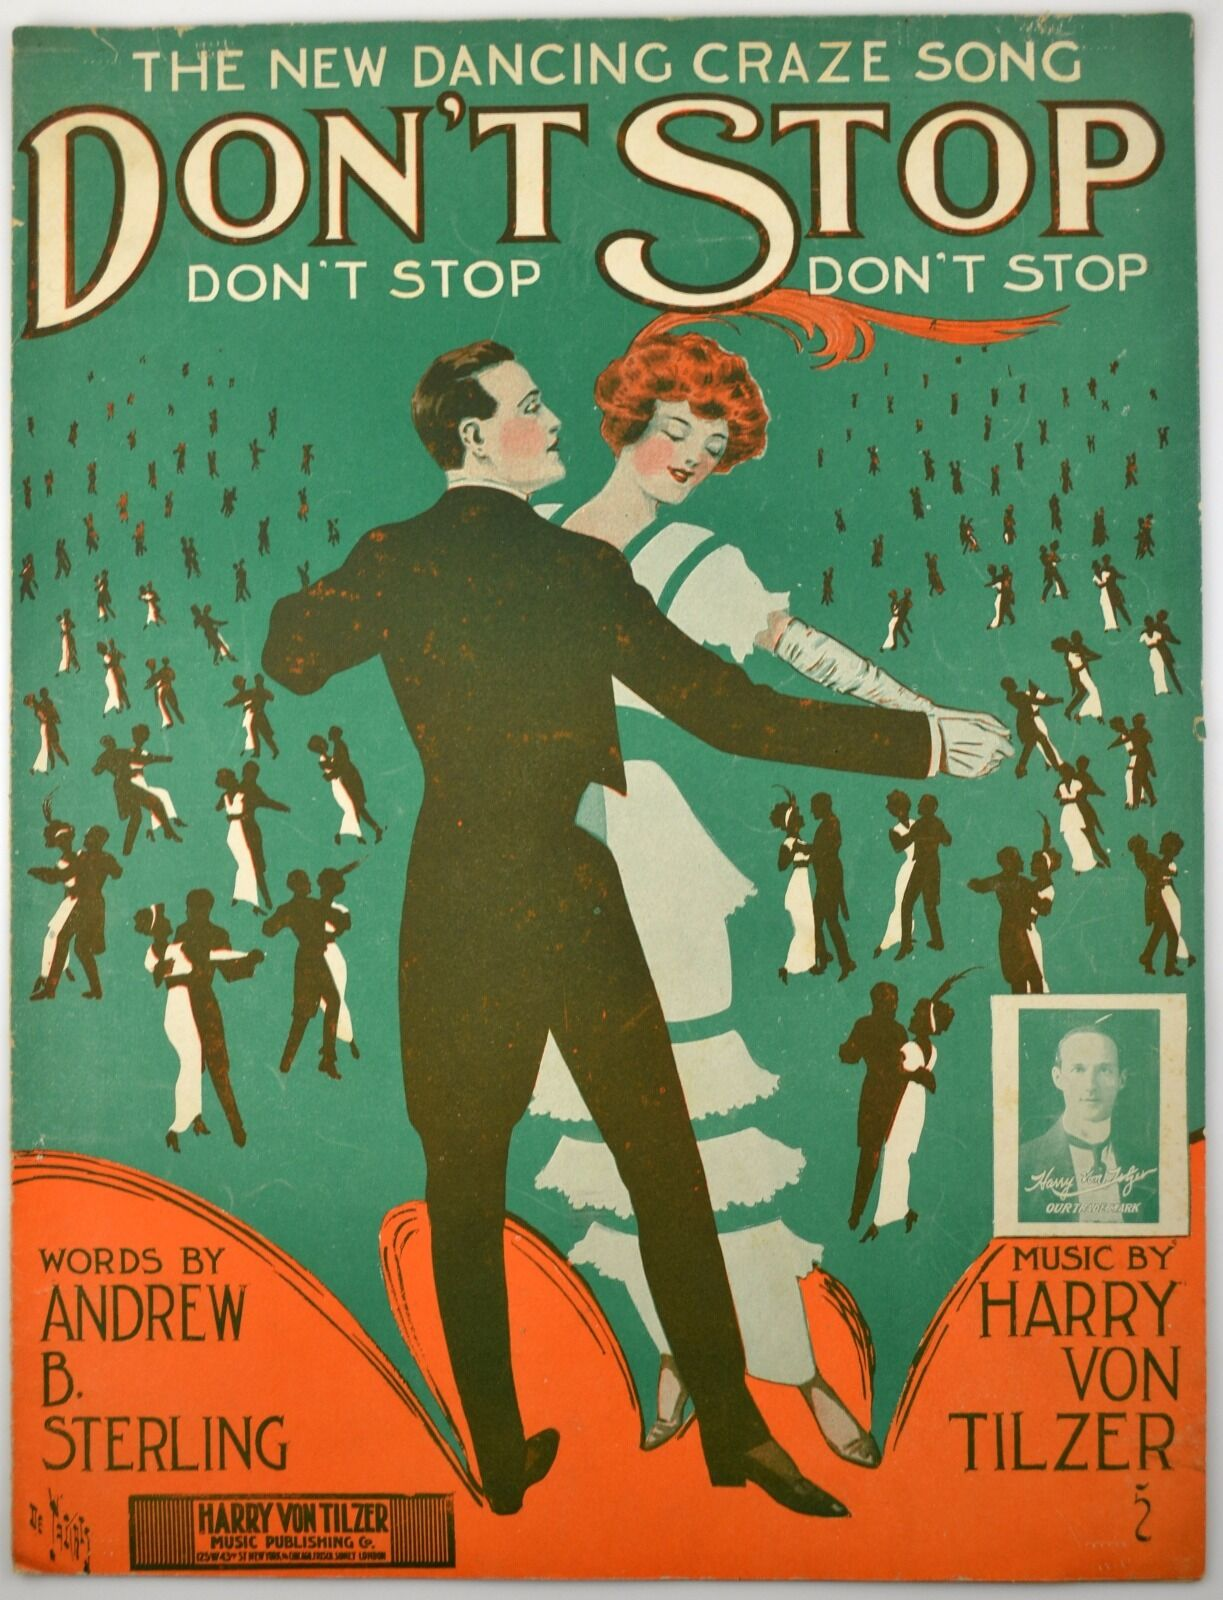 Don't Stop Don't Stop Don't Stop 1913 Sheet Music Art By Andre De Takacs